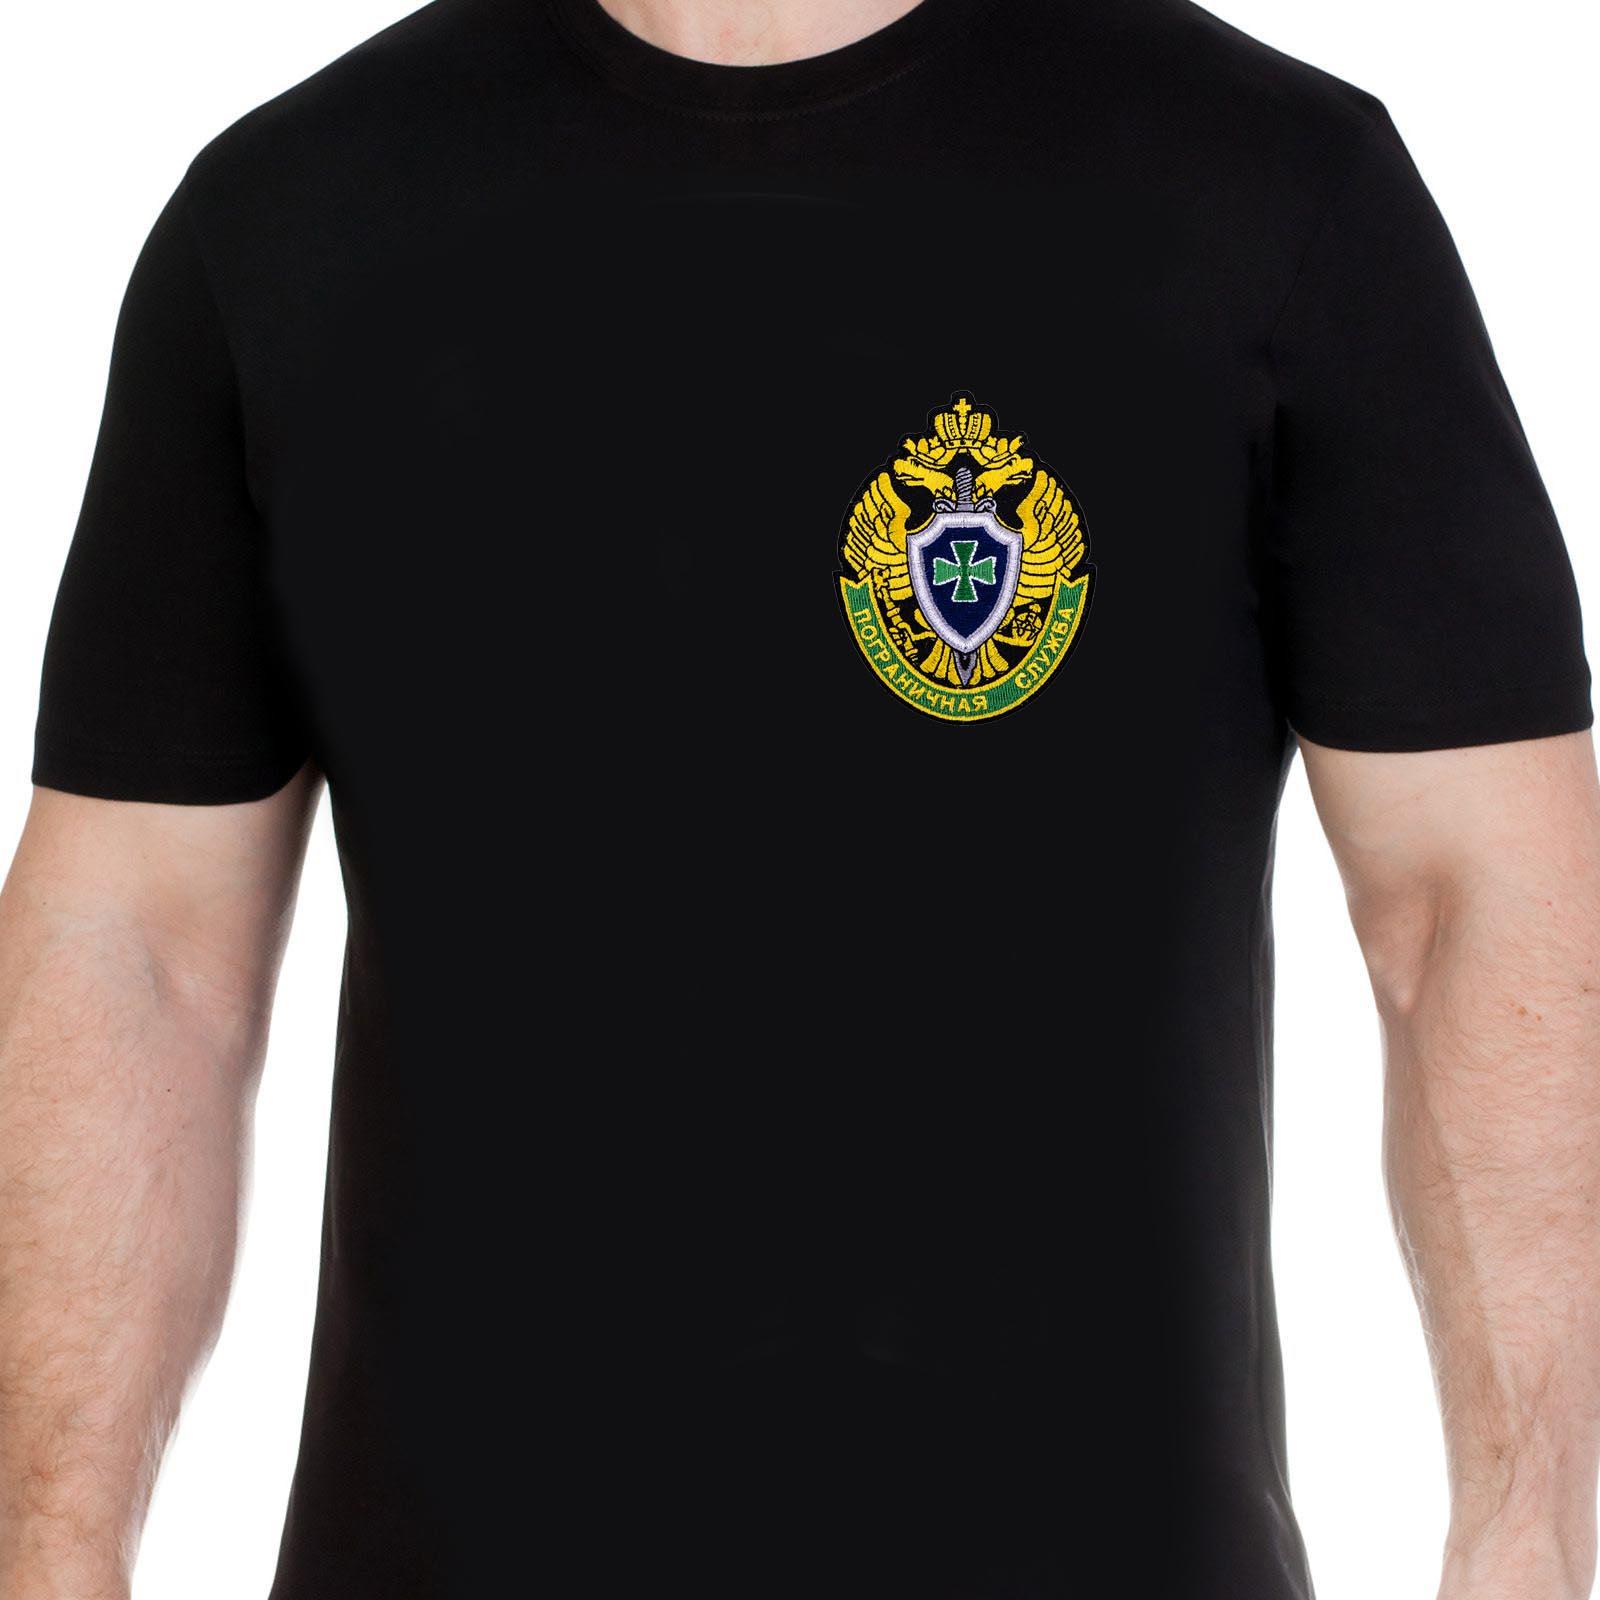 Черная мужская футболка в пограничном дизайне